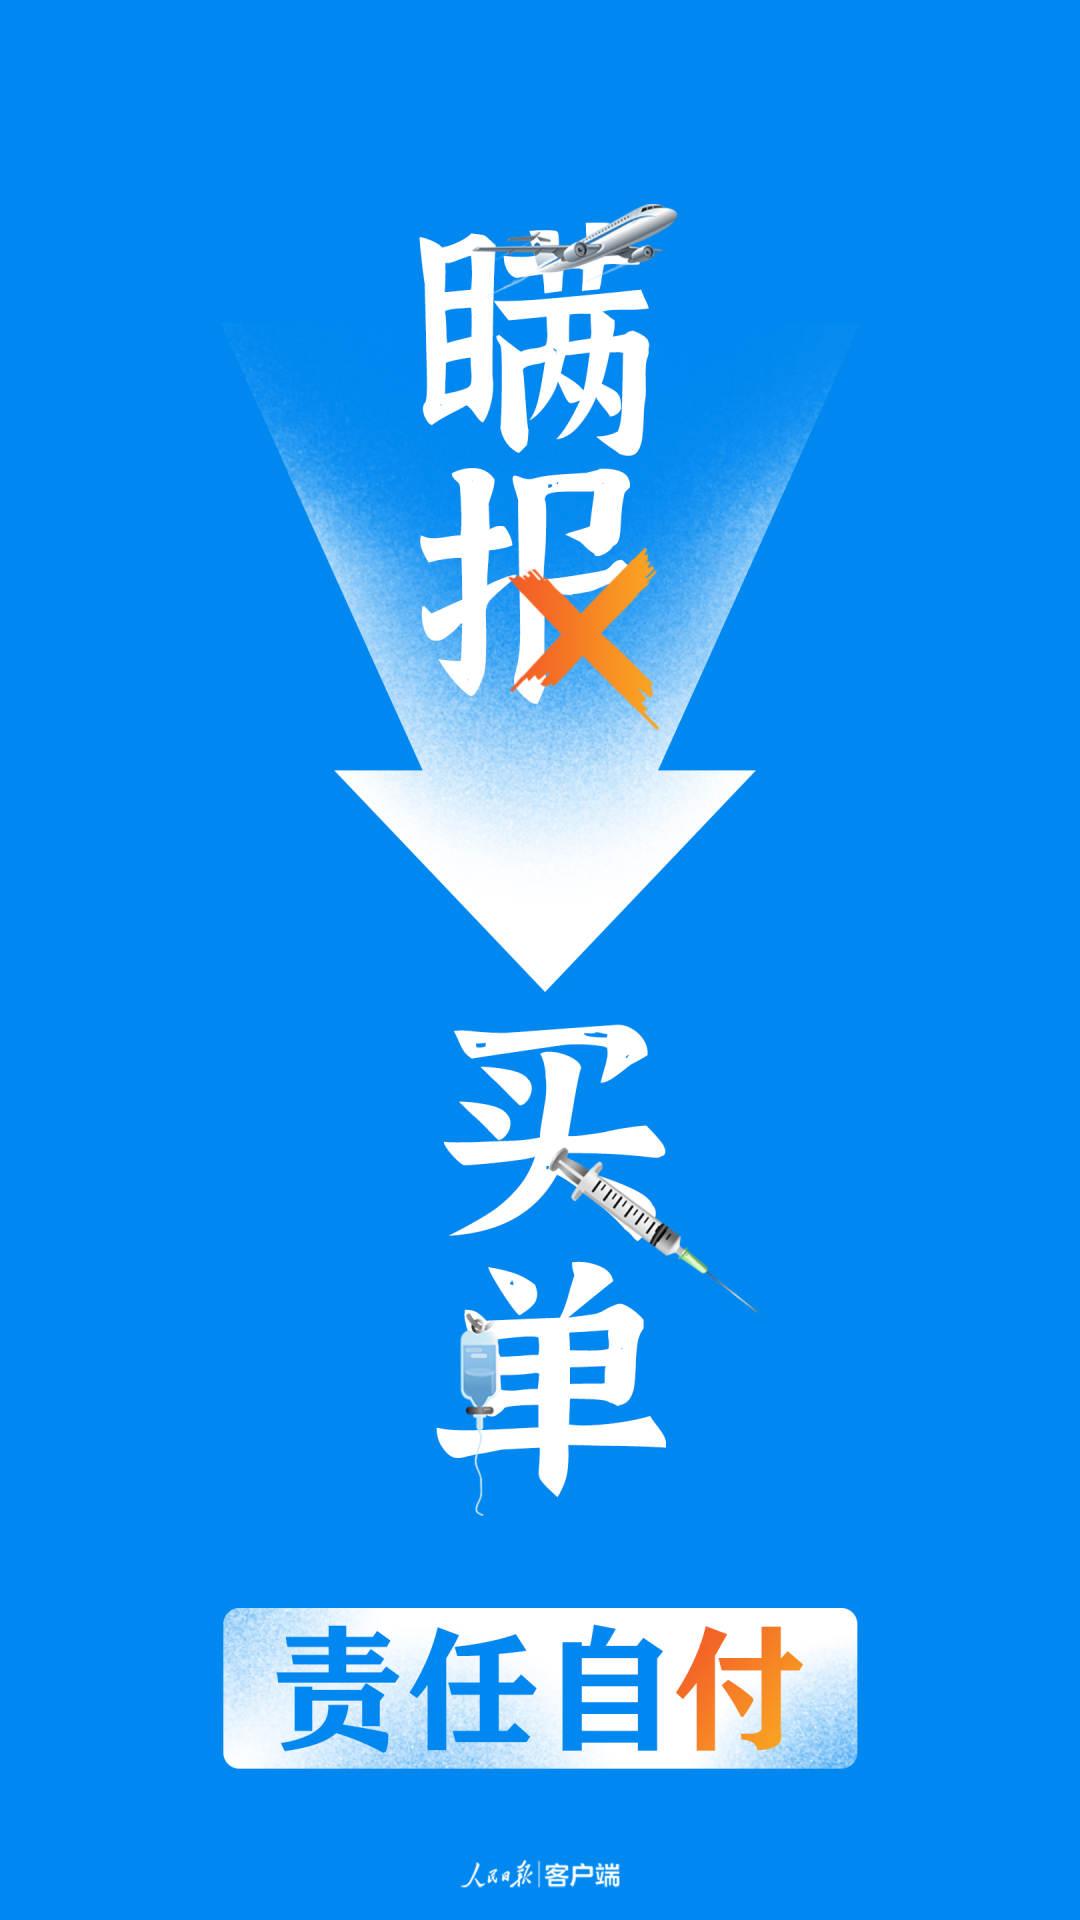 微信图片_20200314185437.jpg?x-oss-process=style/w10